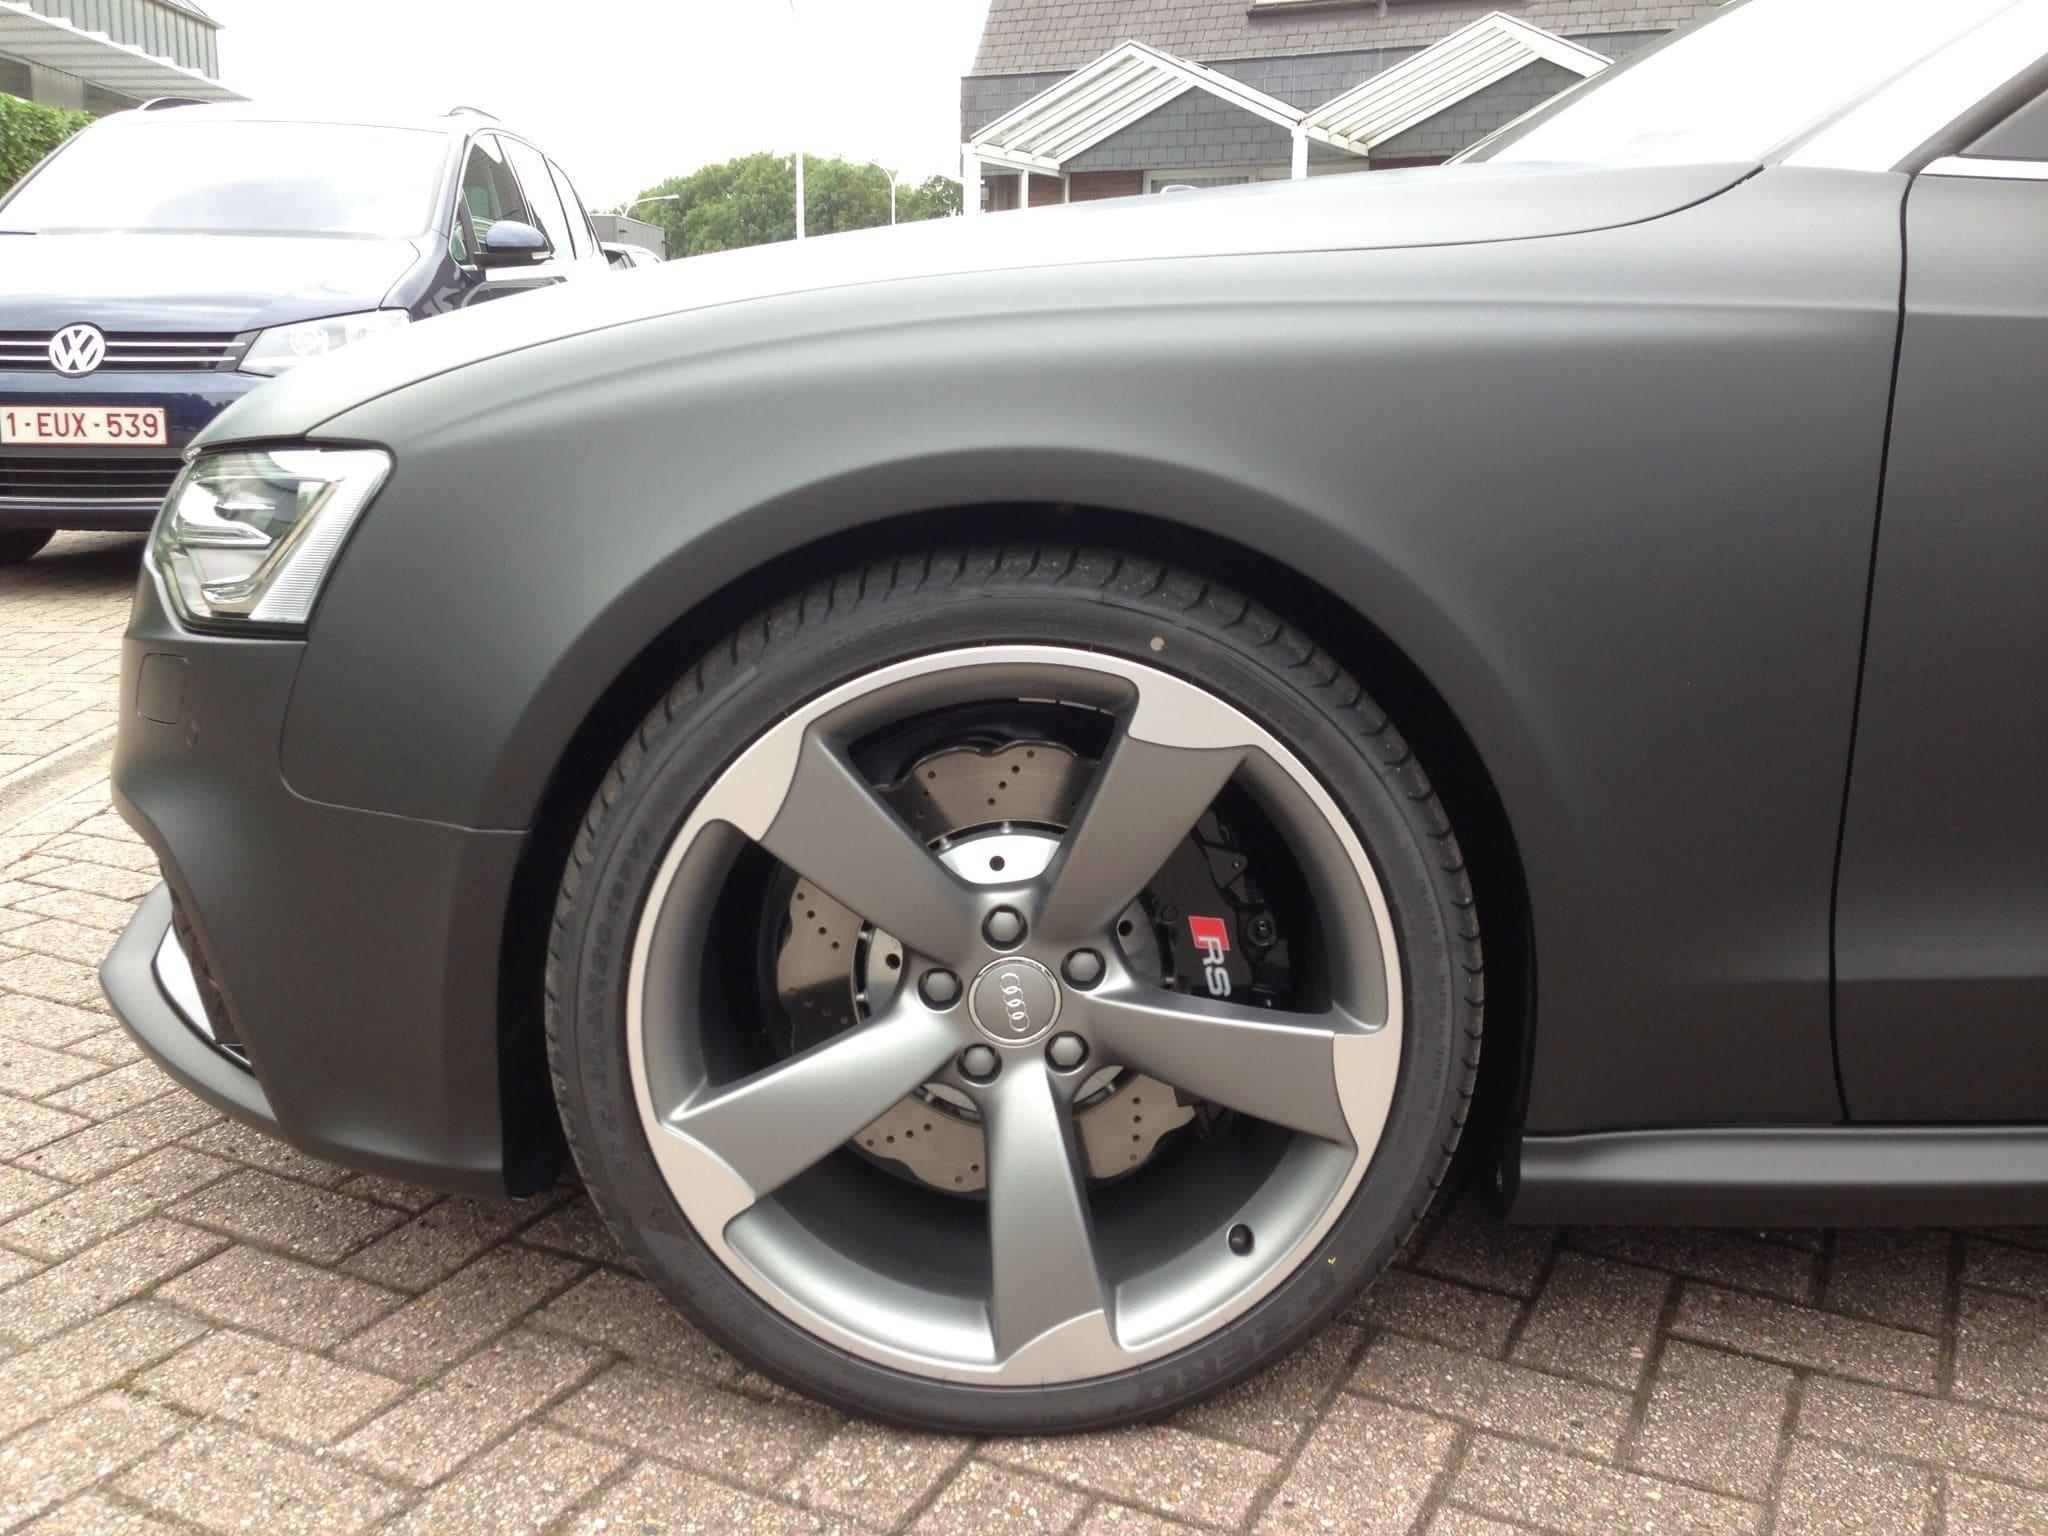 Audi RS5 Cabrio met Mat Zwarte Wrap, Carwrapping door Wrapmyride.nu Foto-nr:5065, ©2021